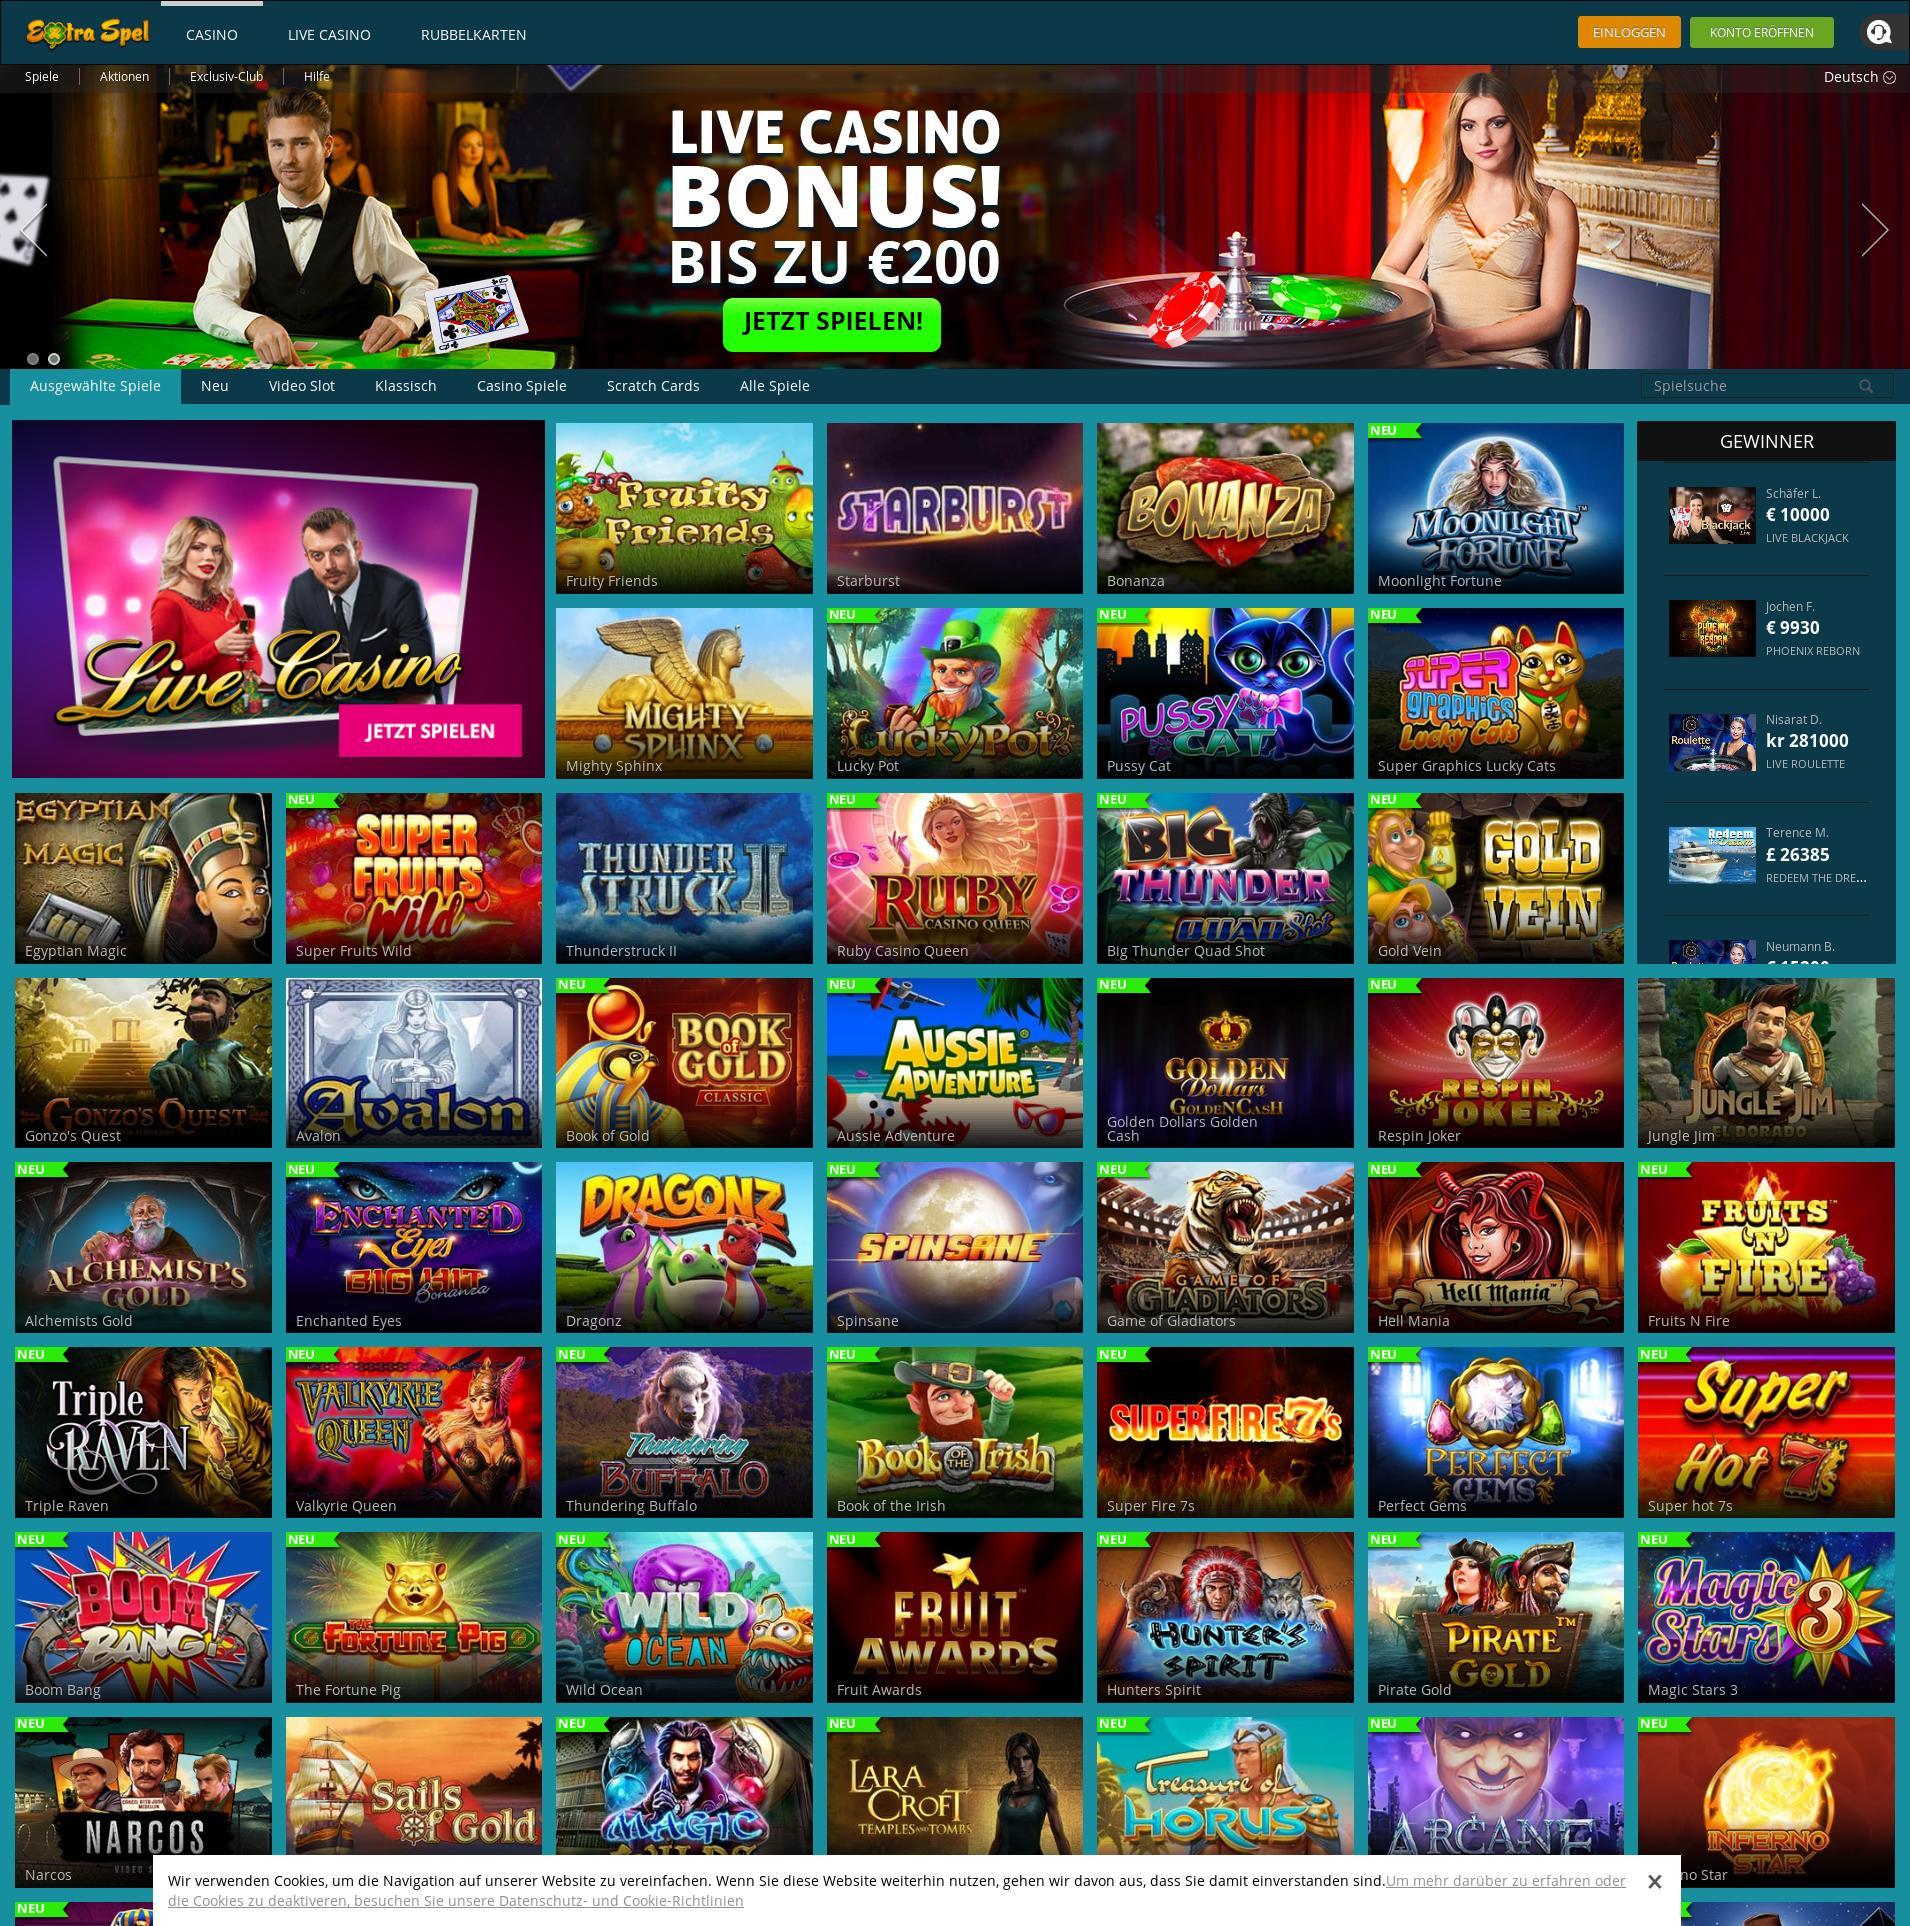 Casino skärm Lobby 2019-06-23 för Sverige